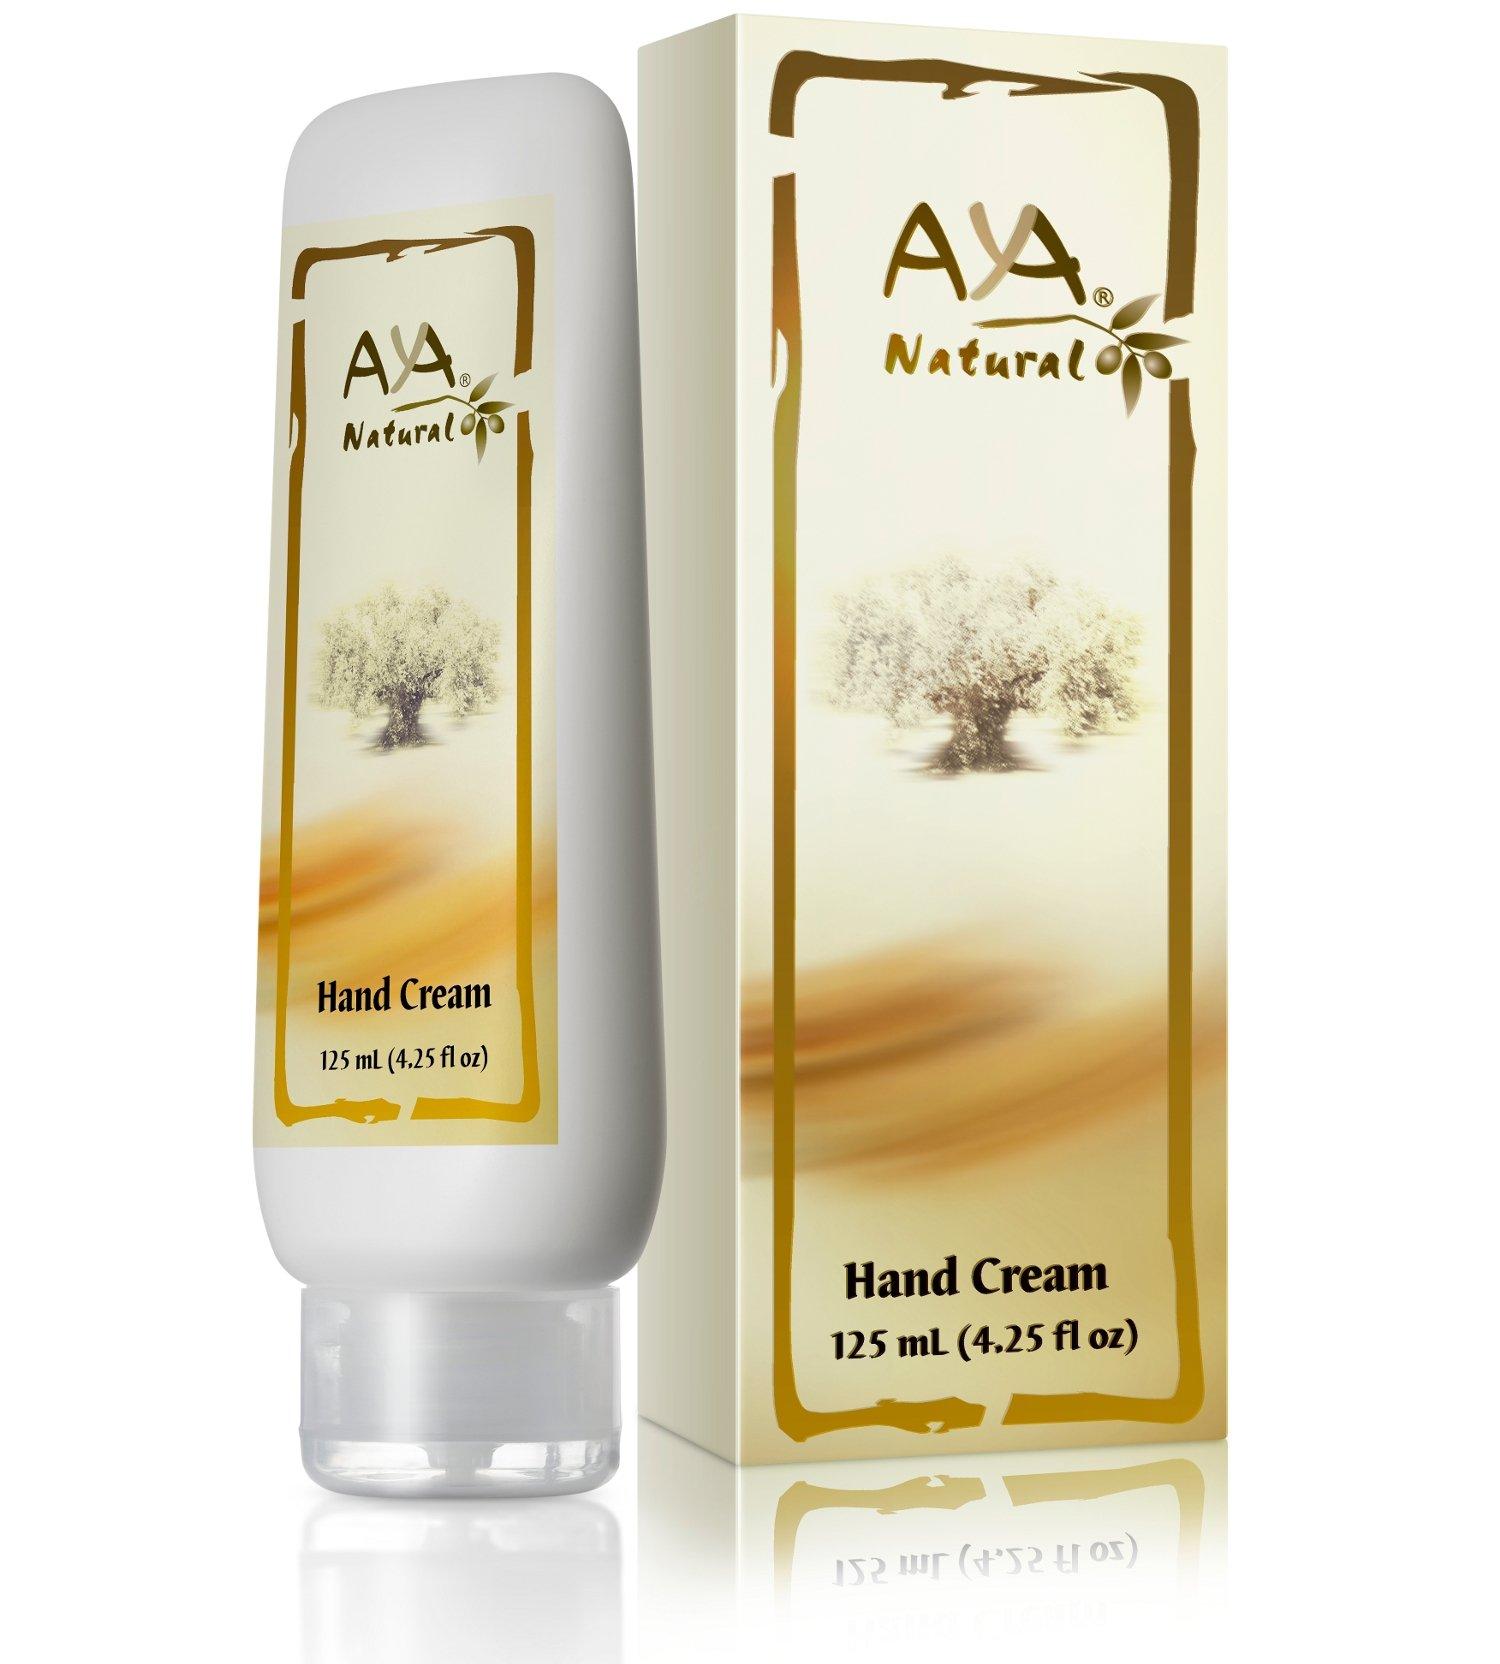 Natural Hand Cream Moisturizing Lotion - Vegan Advanced Non Greasy Dry Cracked Skin Moisturizer for Men & Women - Shea, Olive, Jojoba, Tea Tree & Lemon Oils Blend